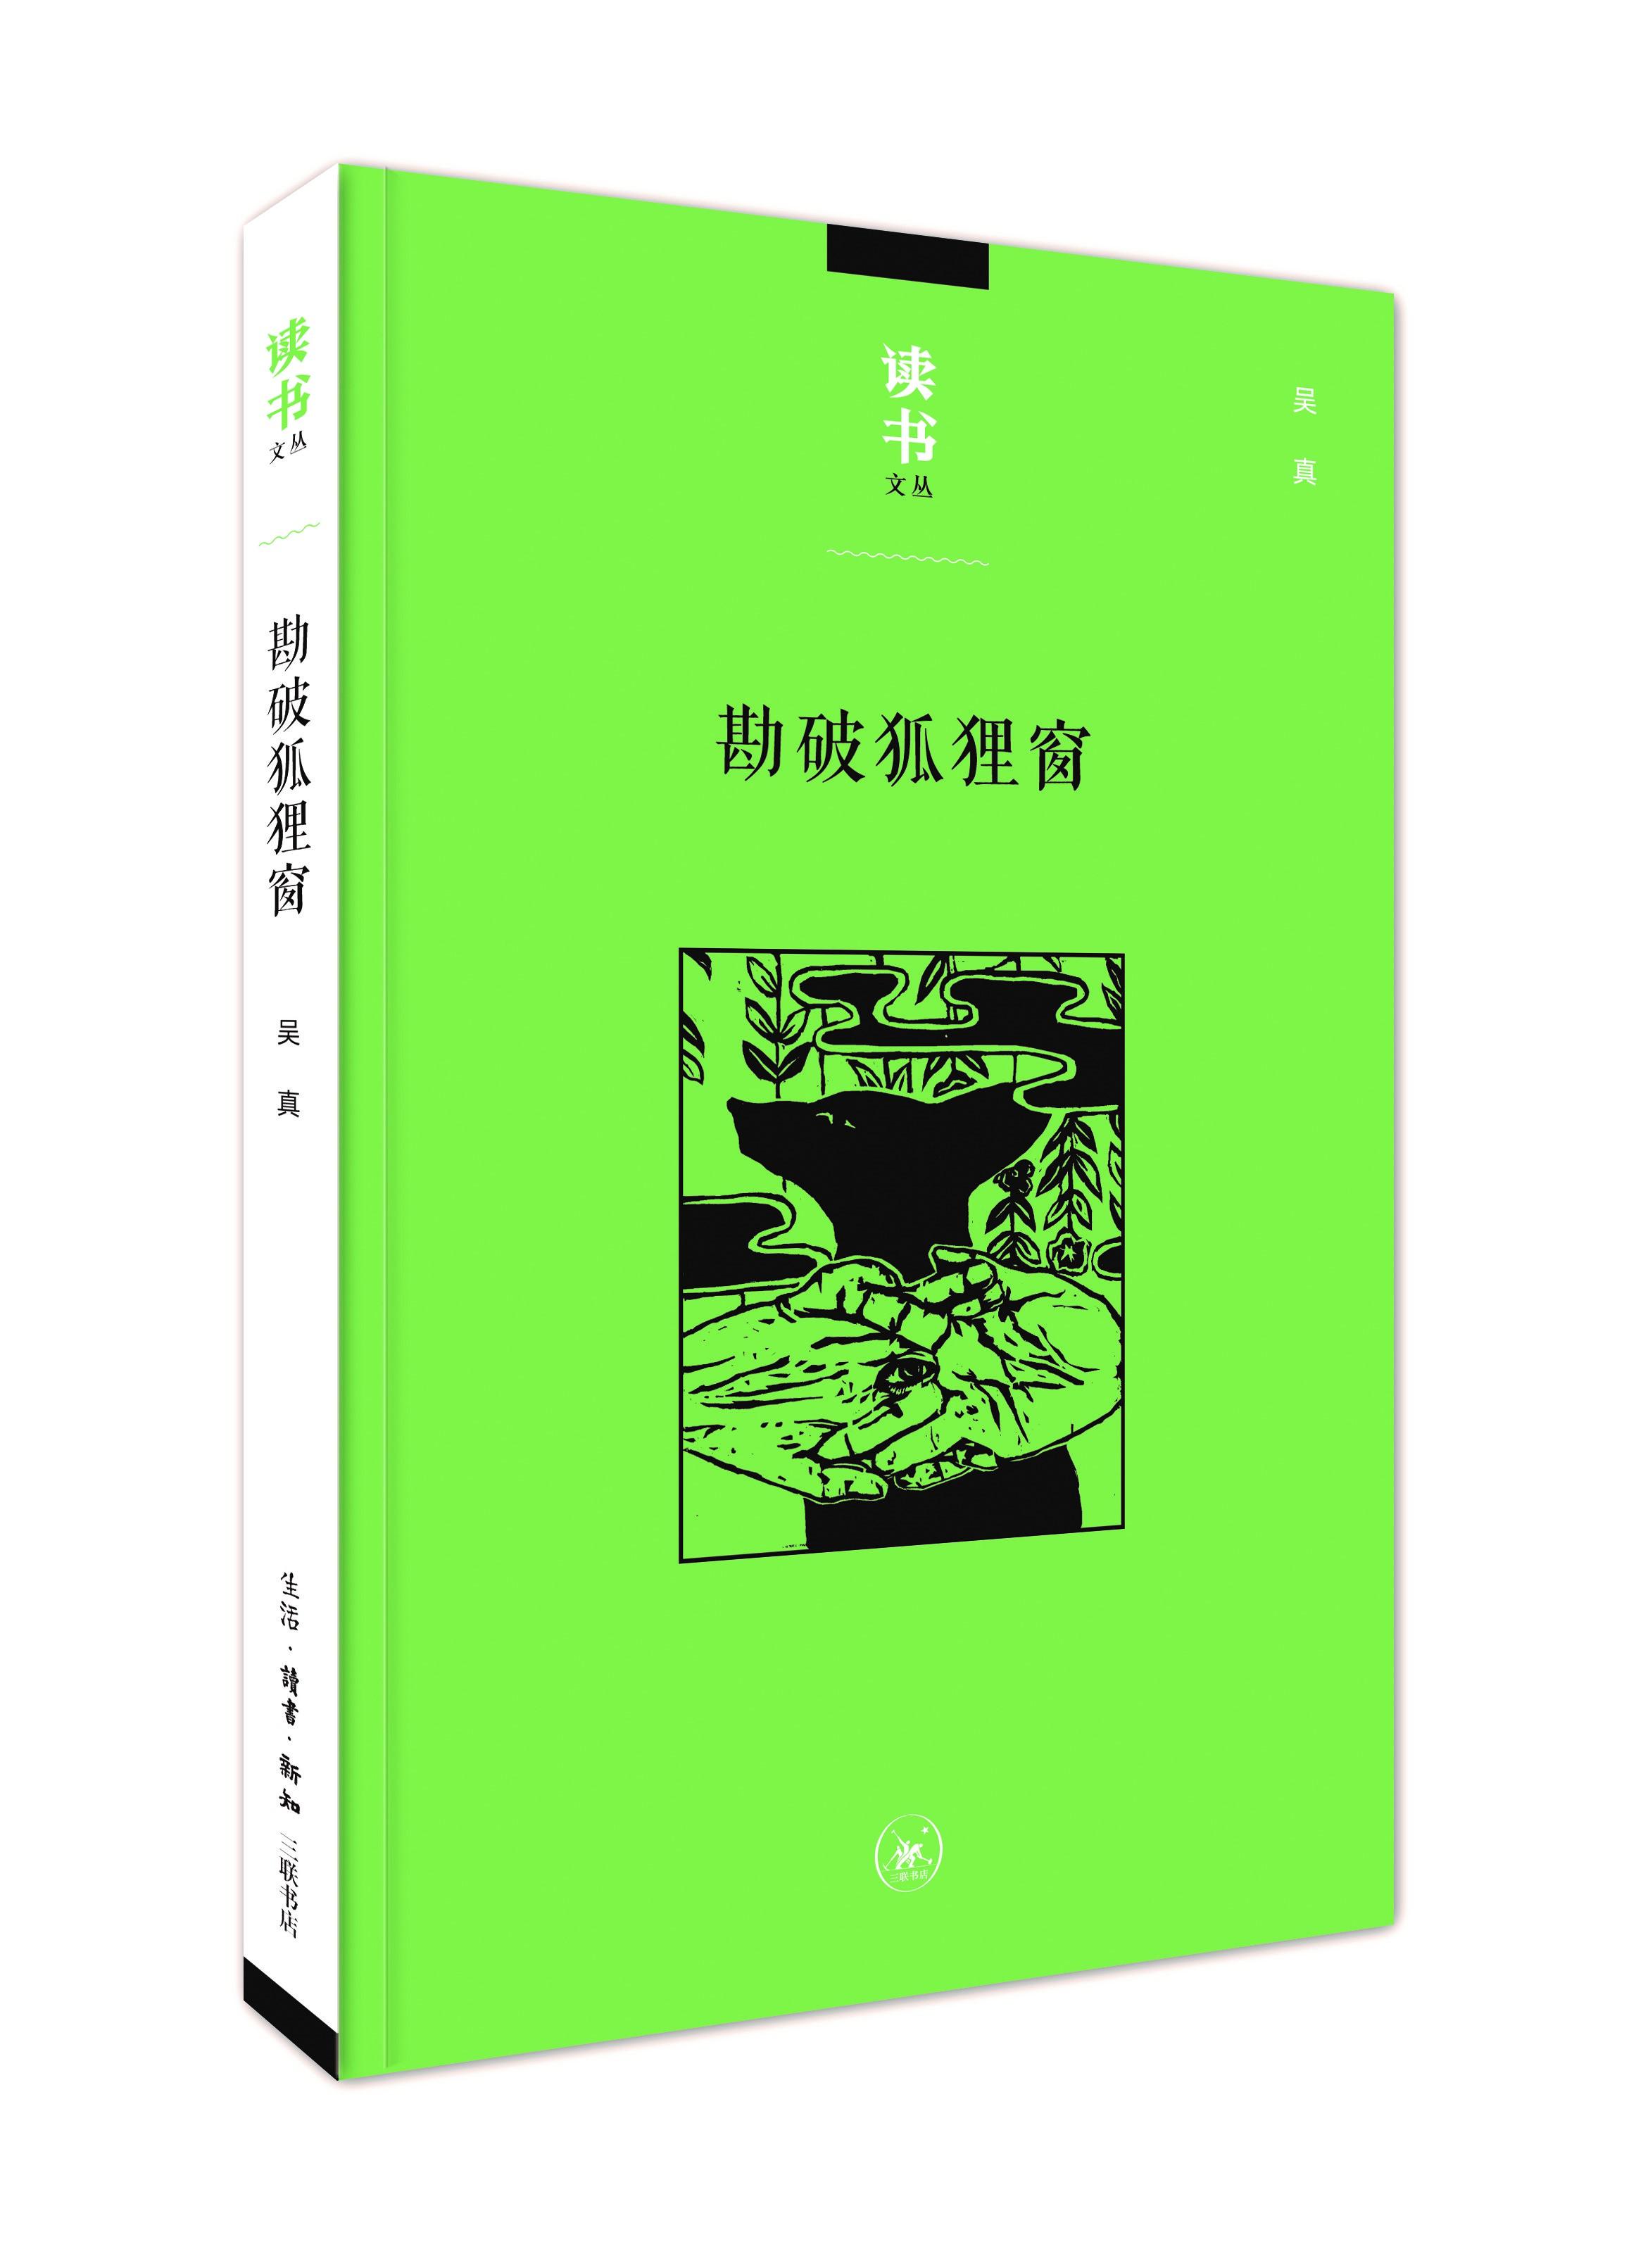 吴真:《勘破狐狸窗:中日文化交流史上的人事与书事》,三联书店2019年11月版